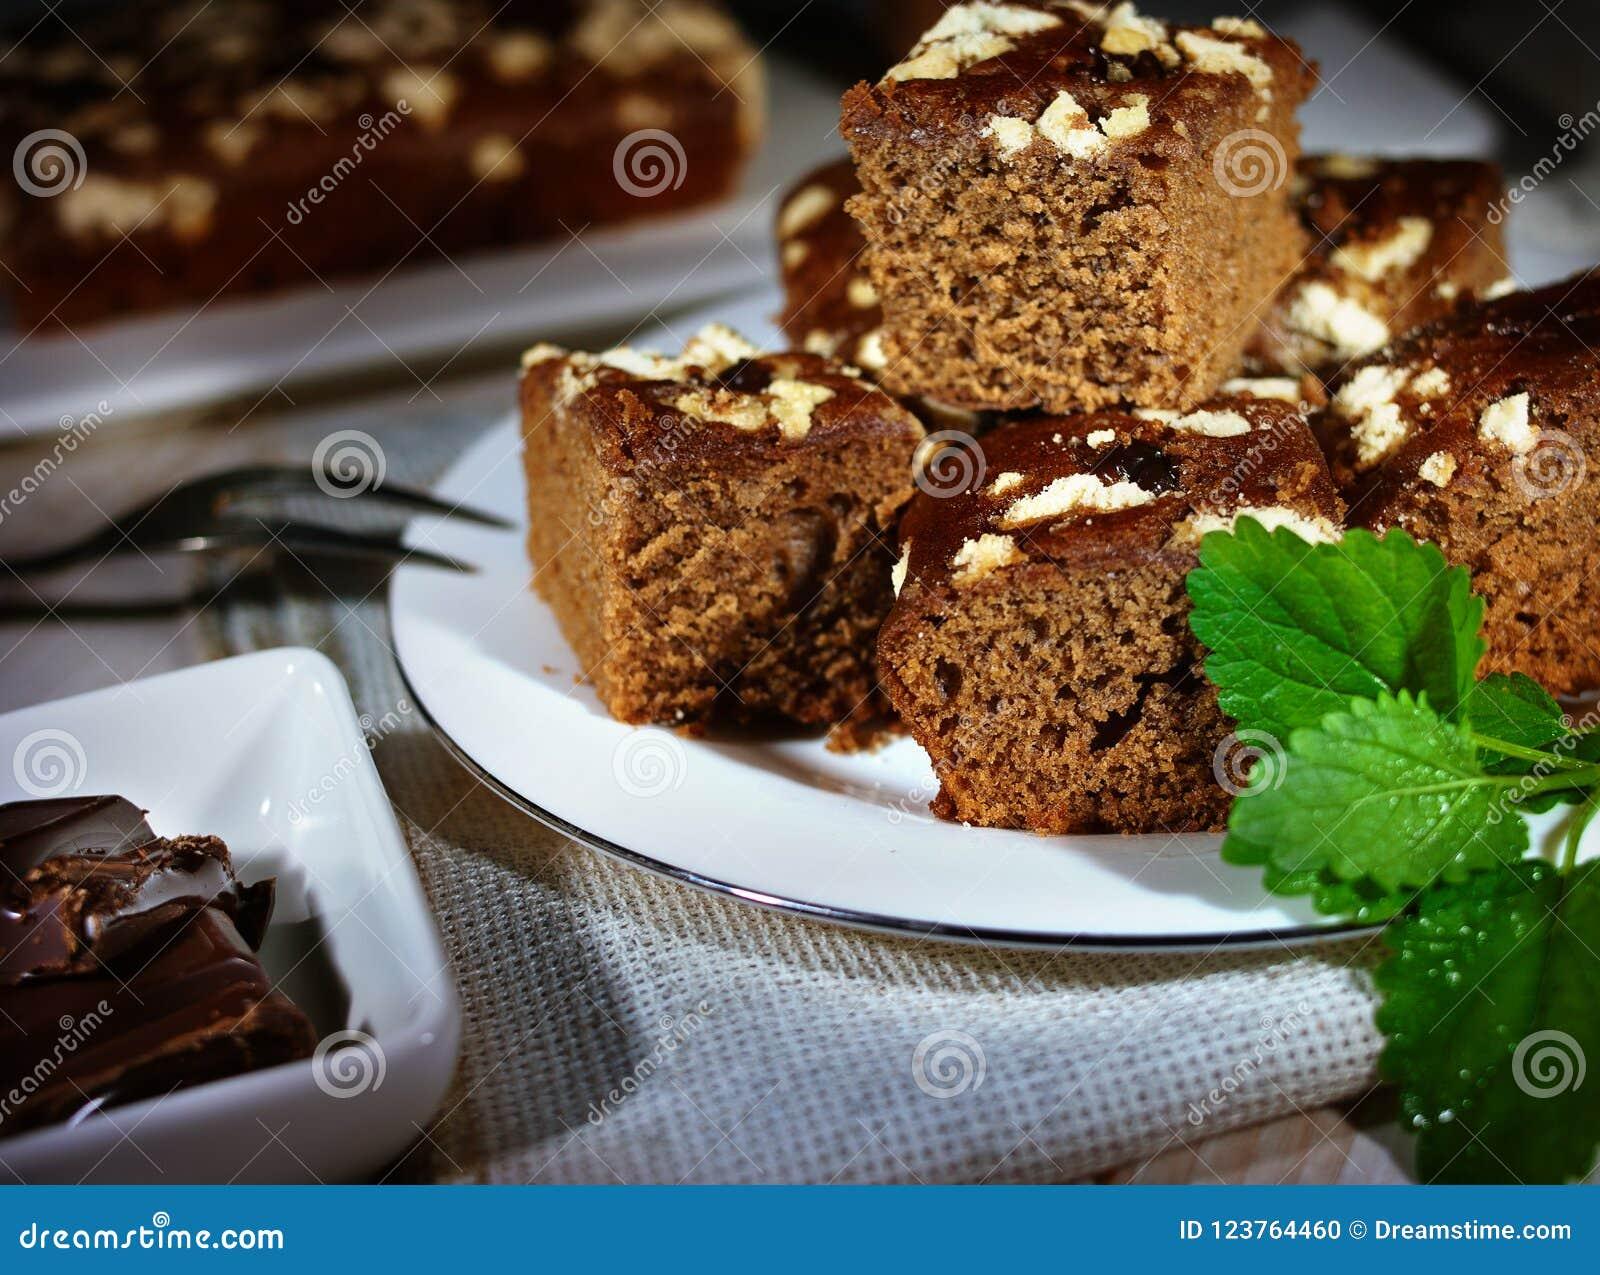 München-Torte, frische tadellose Blätter, Stücke Schokolade, Leinenserviette, Holztisch